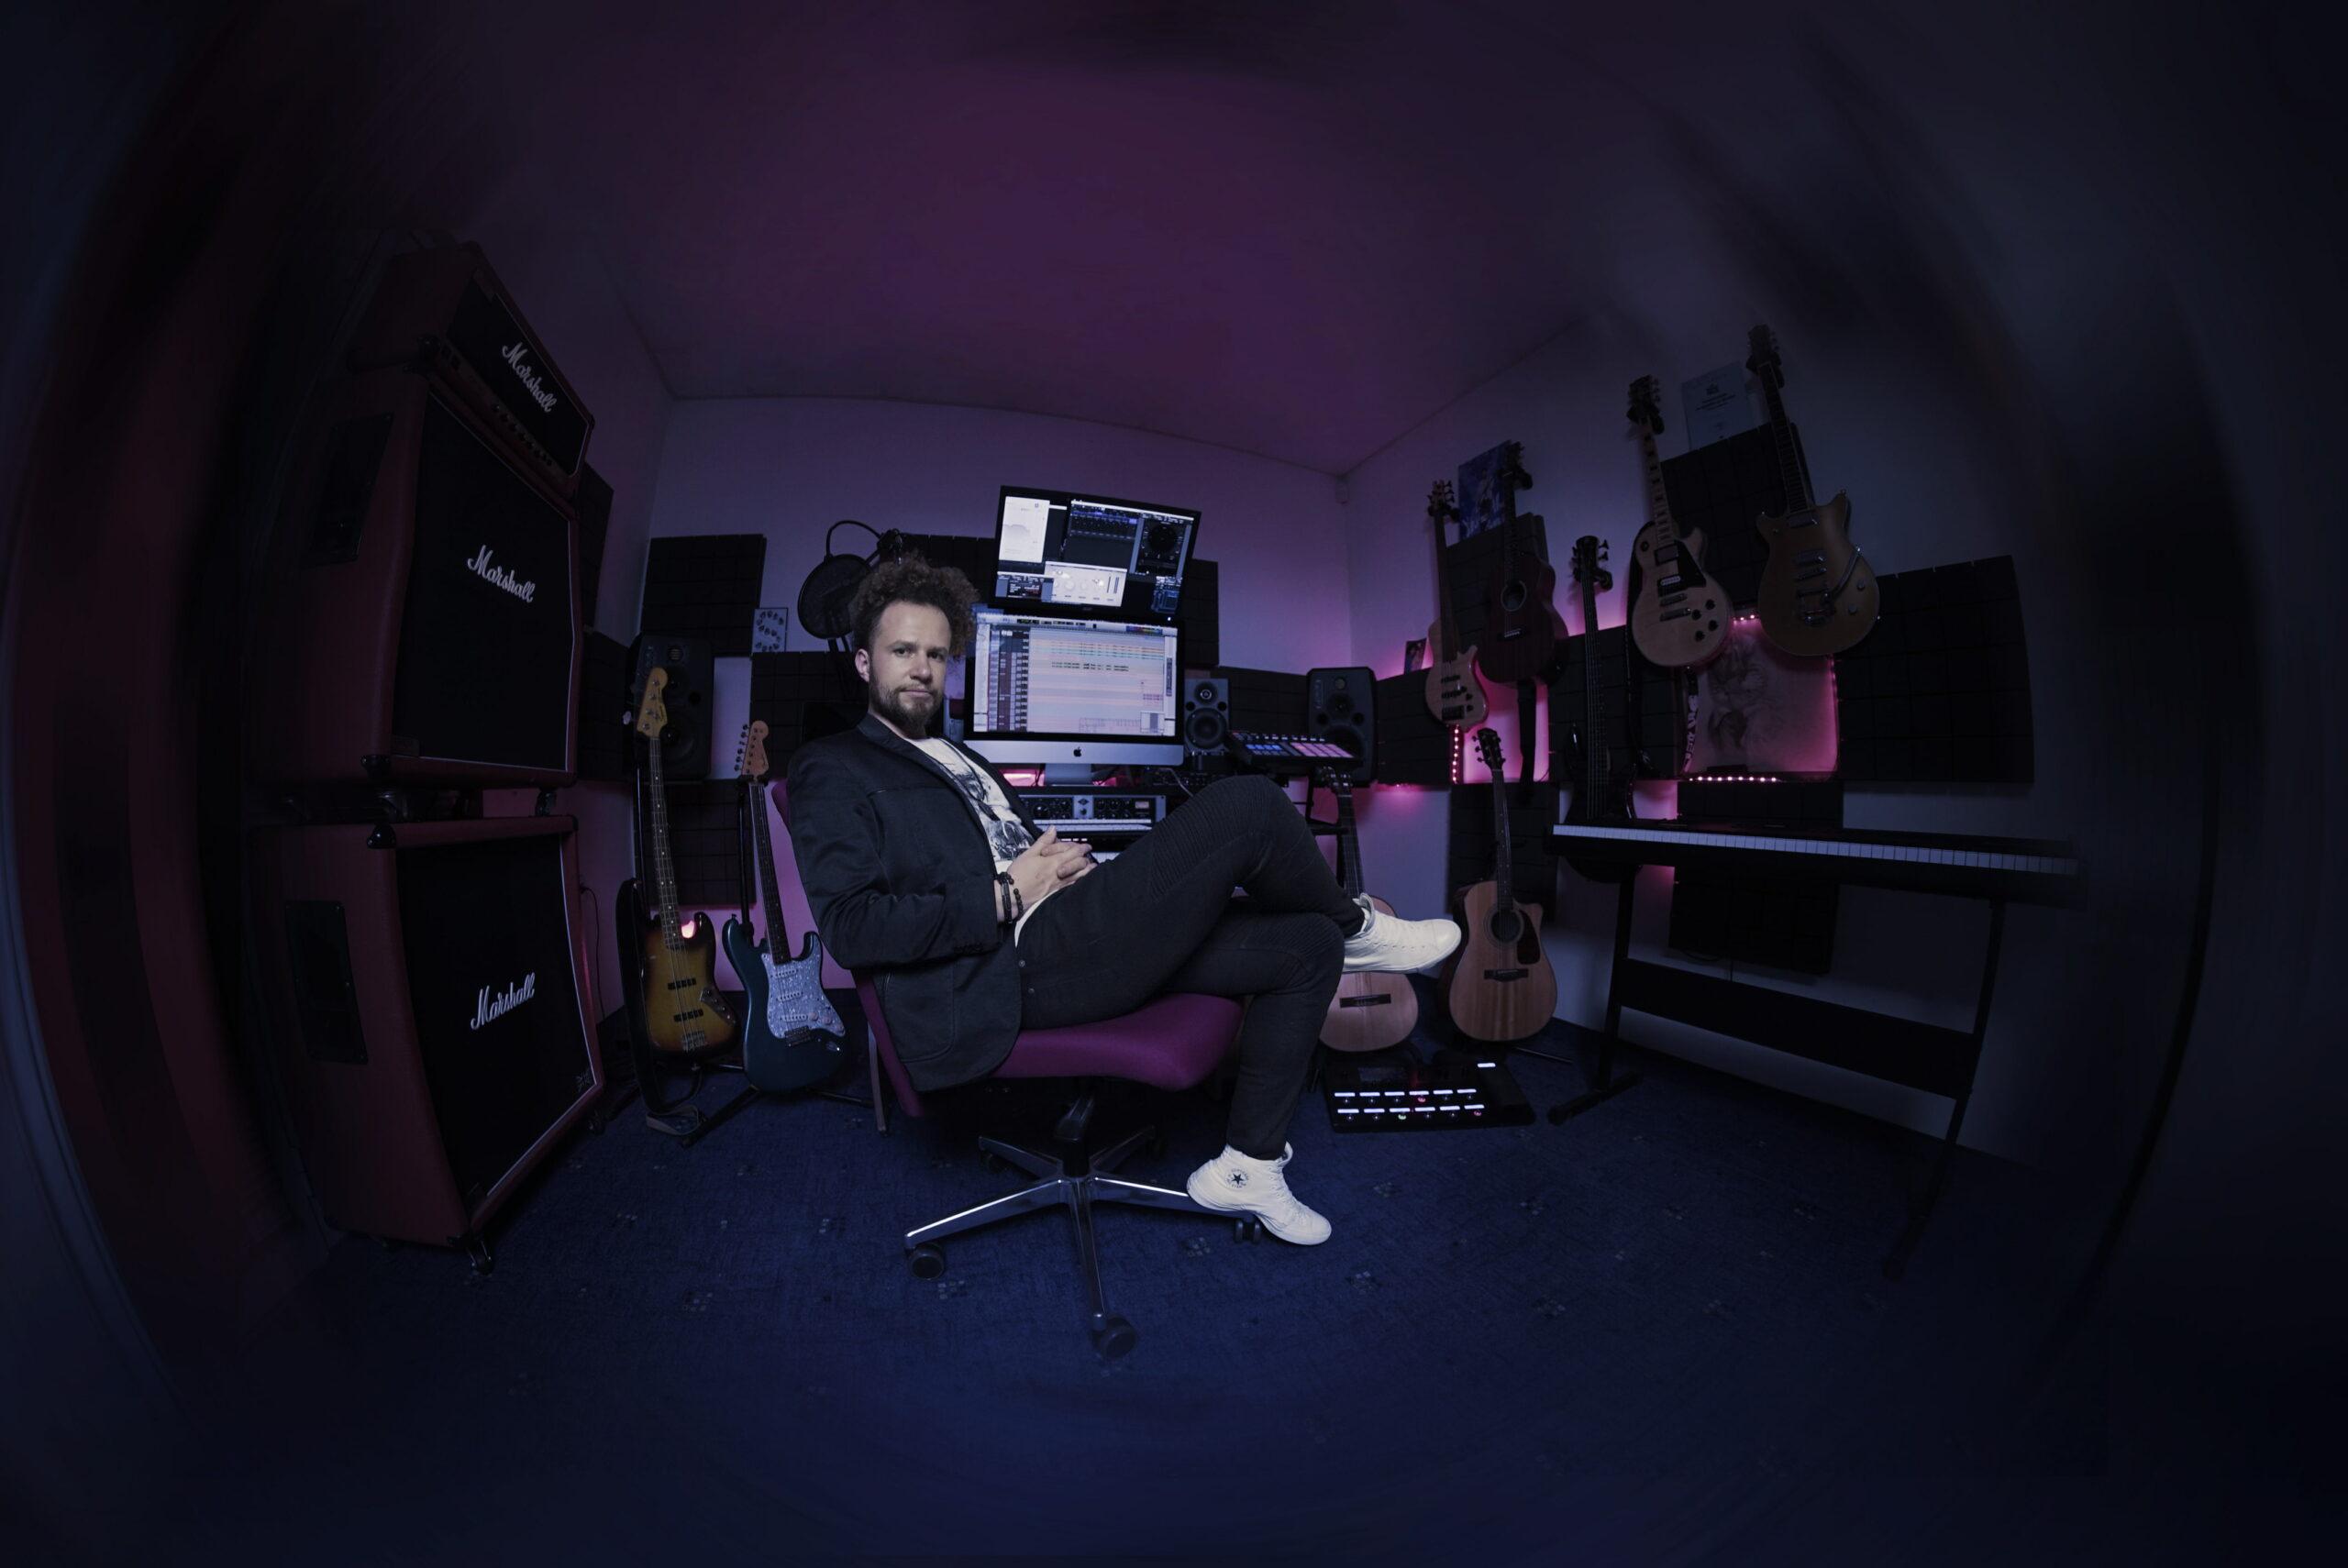 Звукозаписно студио в София - Creative Labs Studios